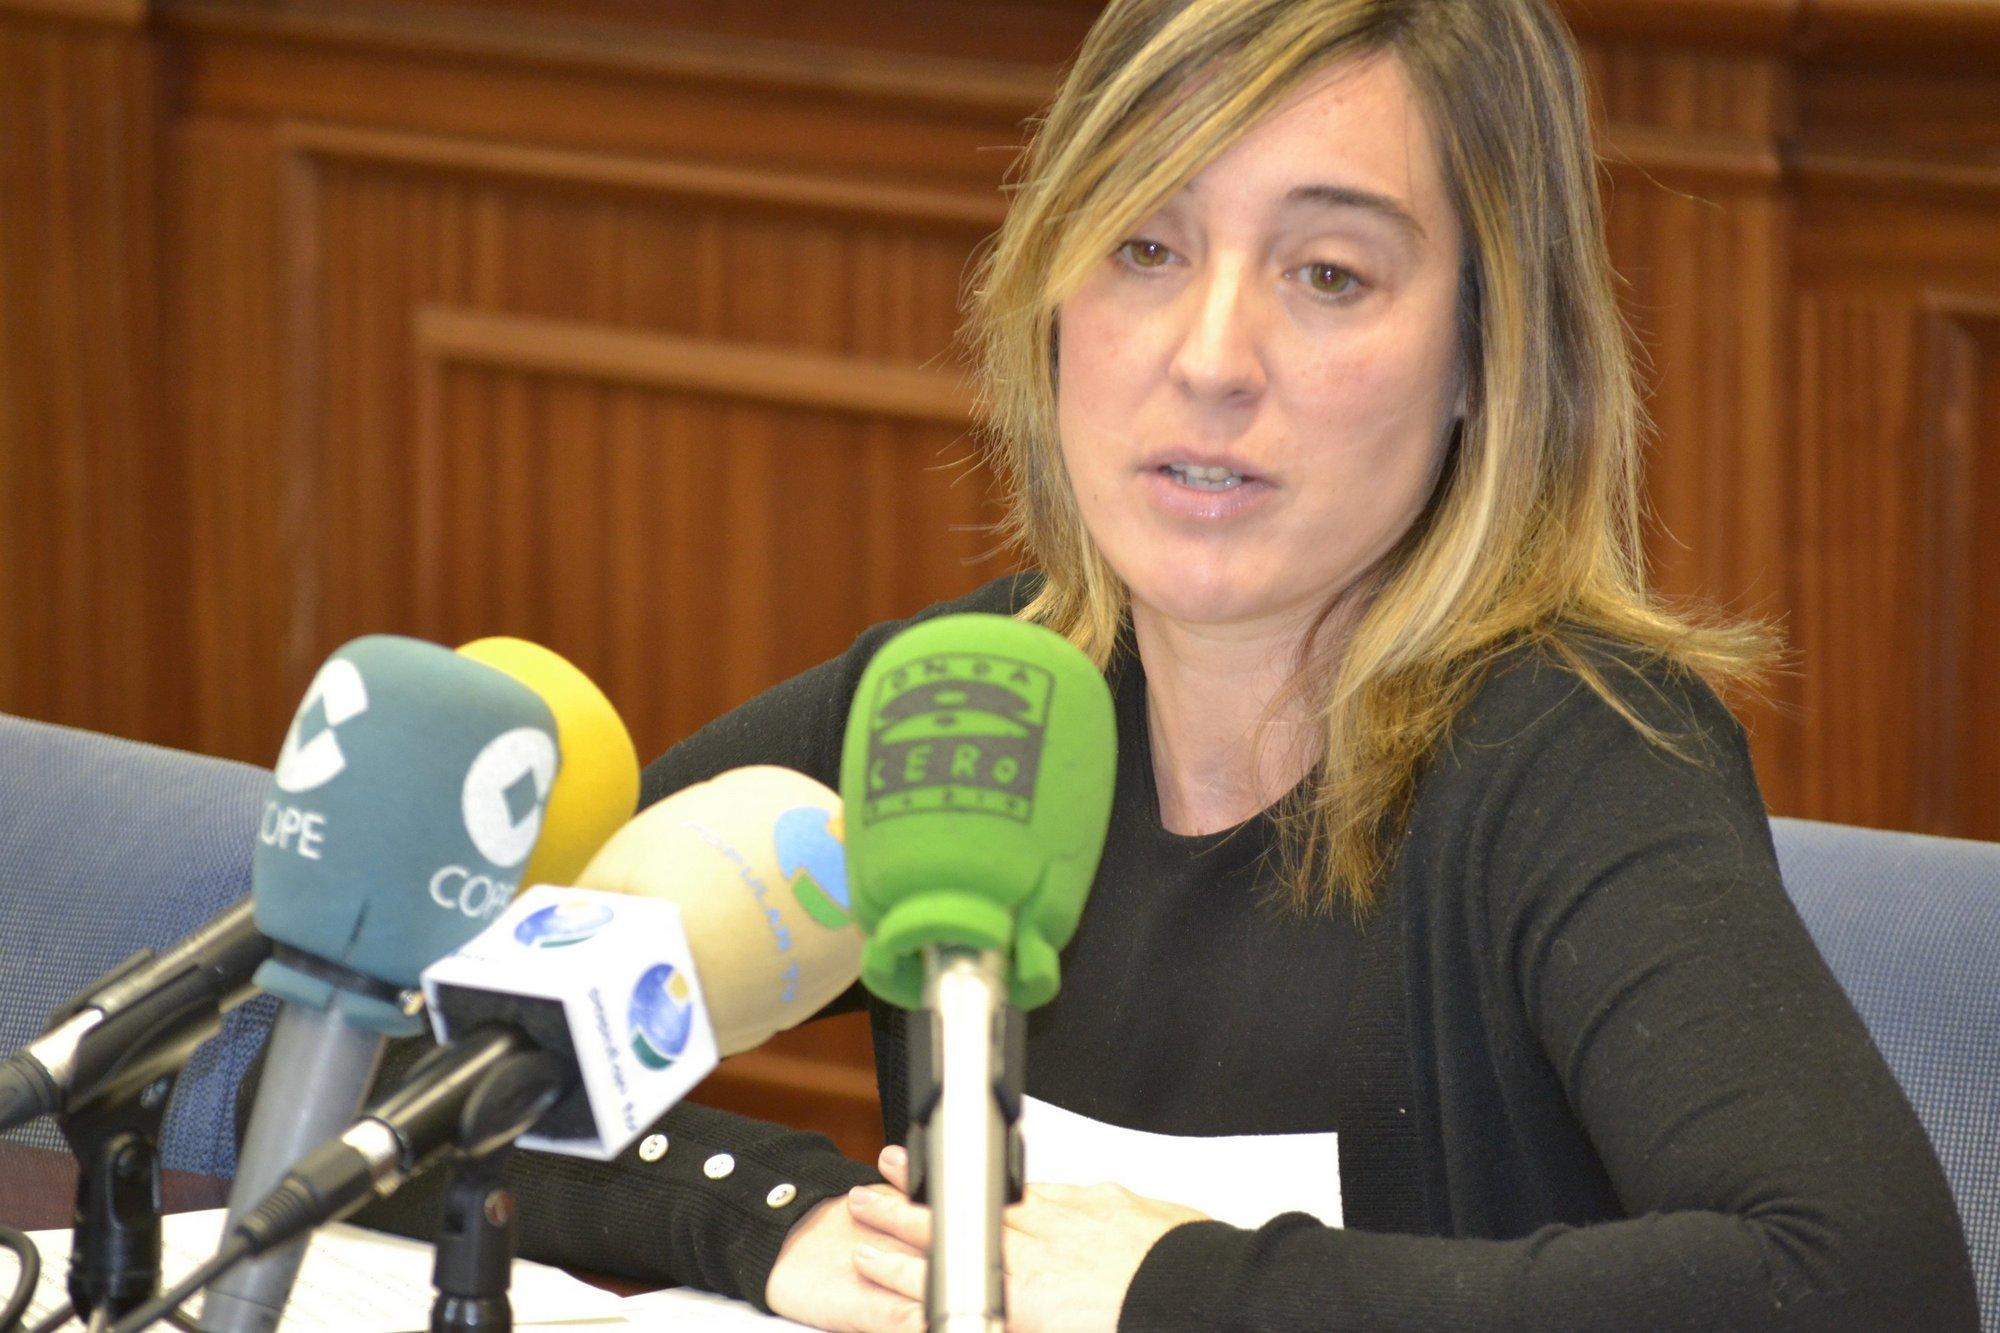 El PSOE pide un «plan de acción» que frene los «cuantiosos despidos» que va a provocar la reforma laboral